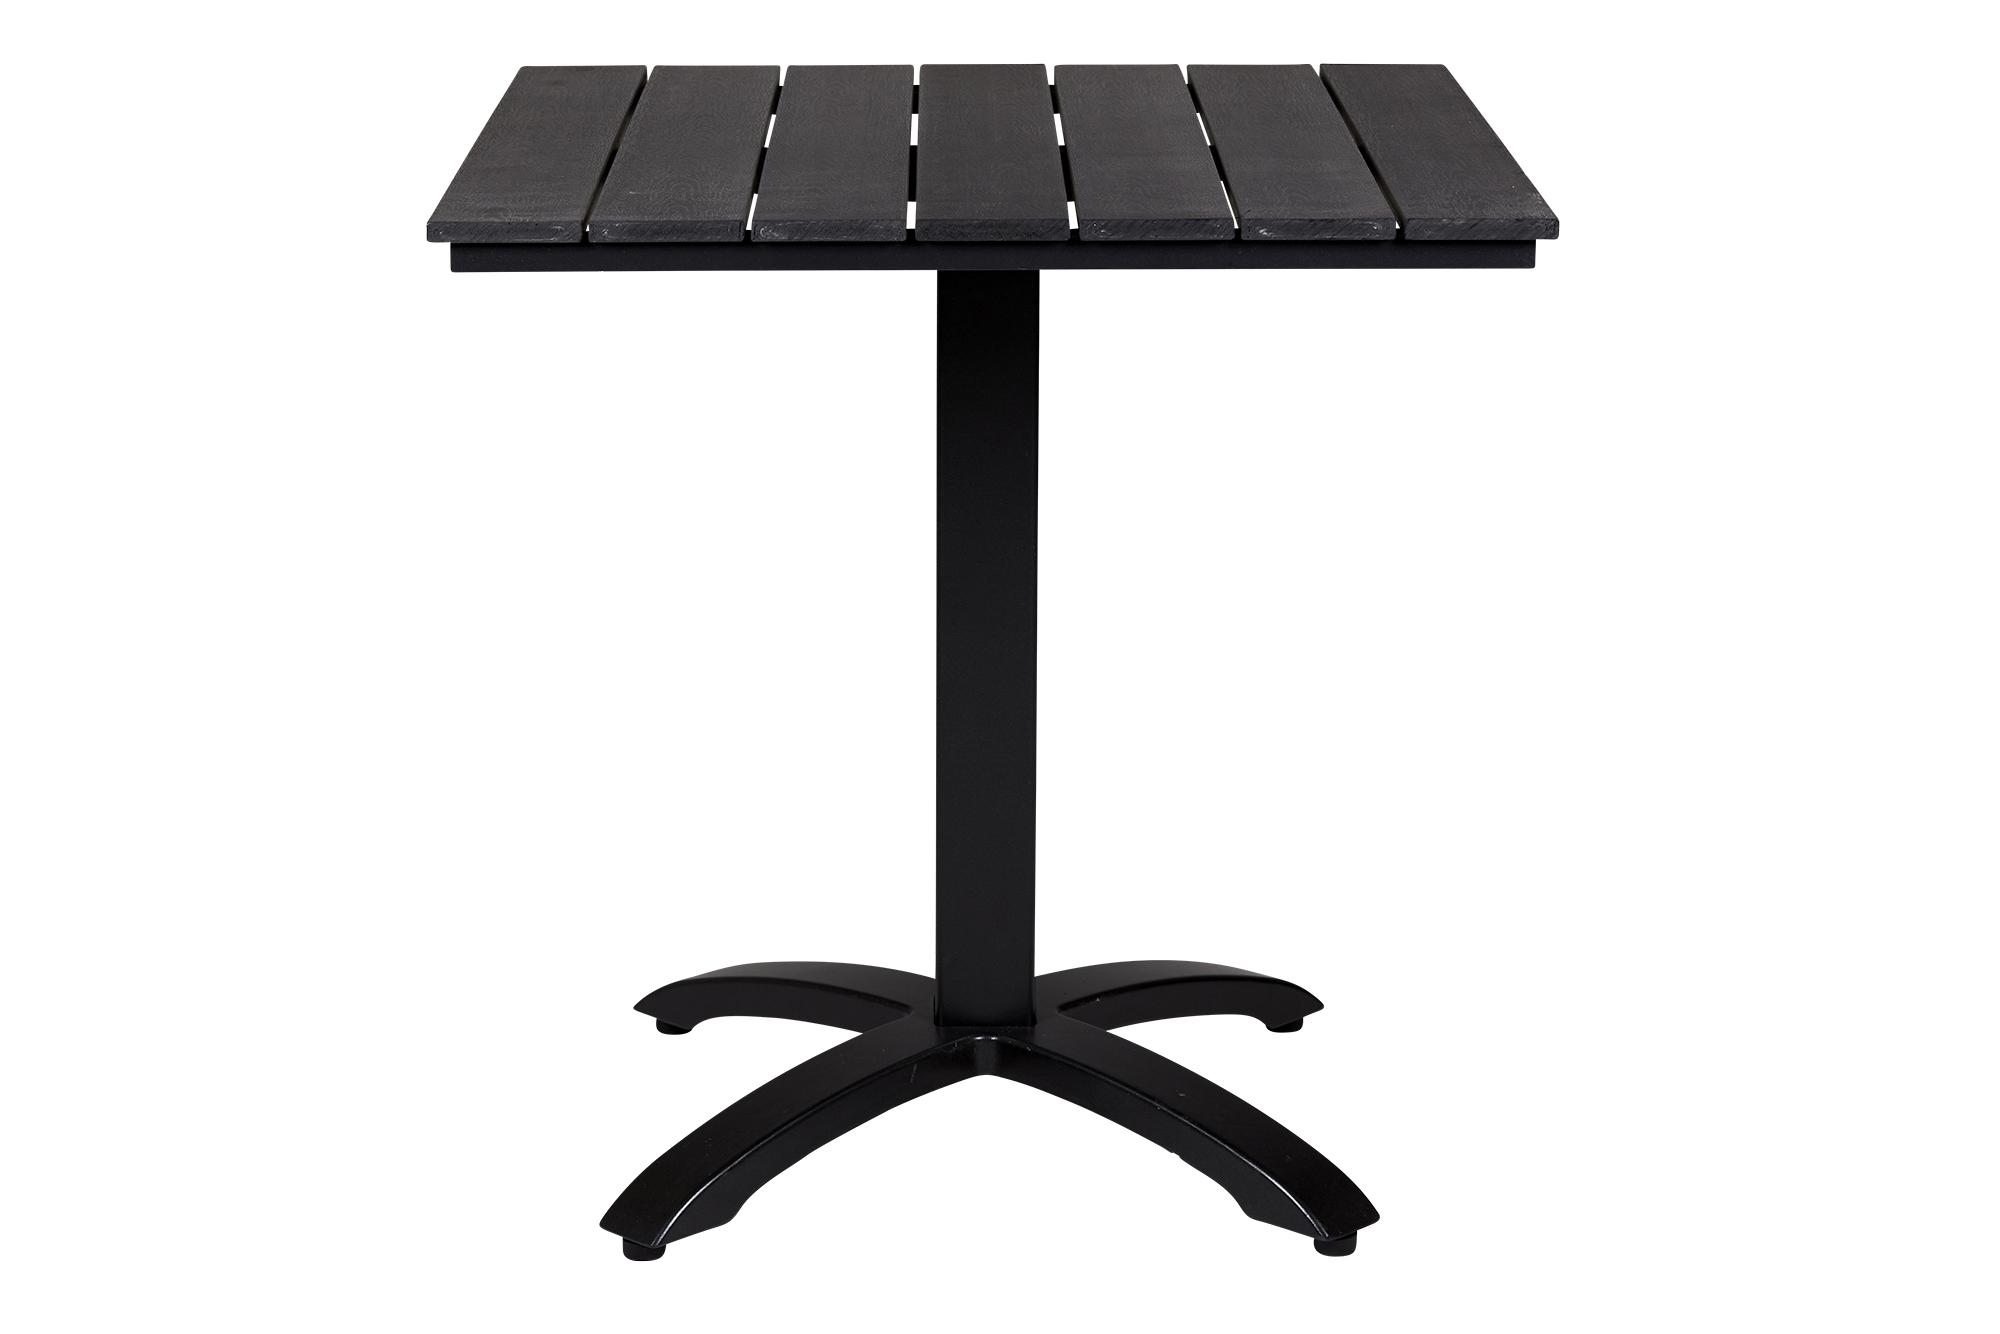 Anzio Sort Nonwood Cafebord 70x64 Cm Med Sort Aluminium Stel